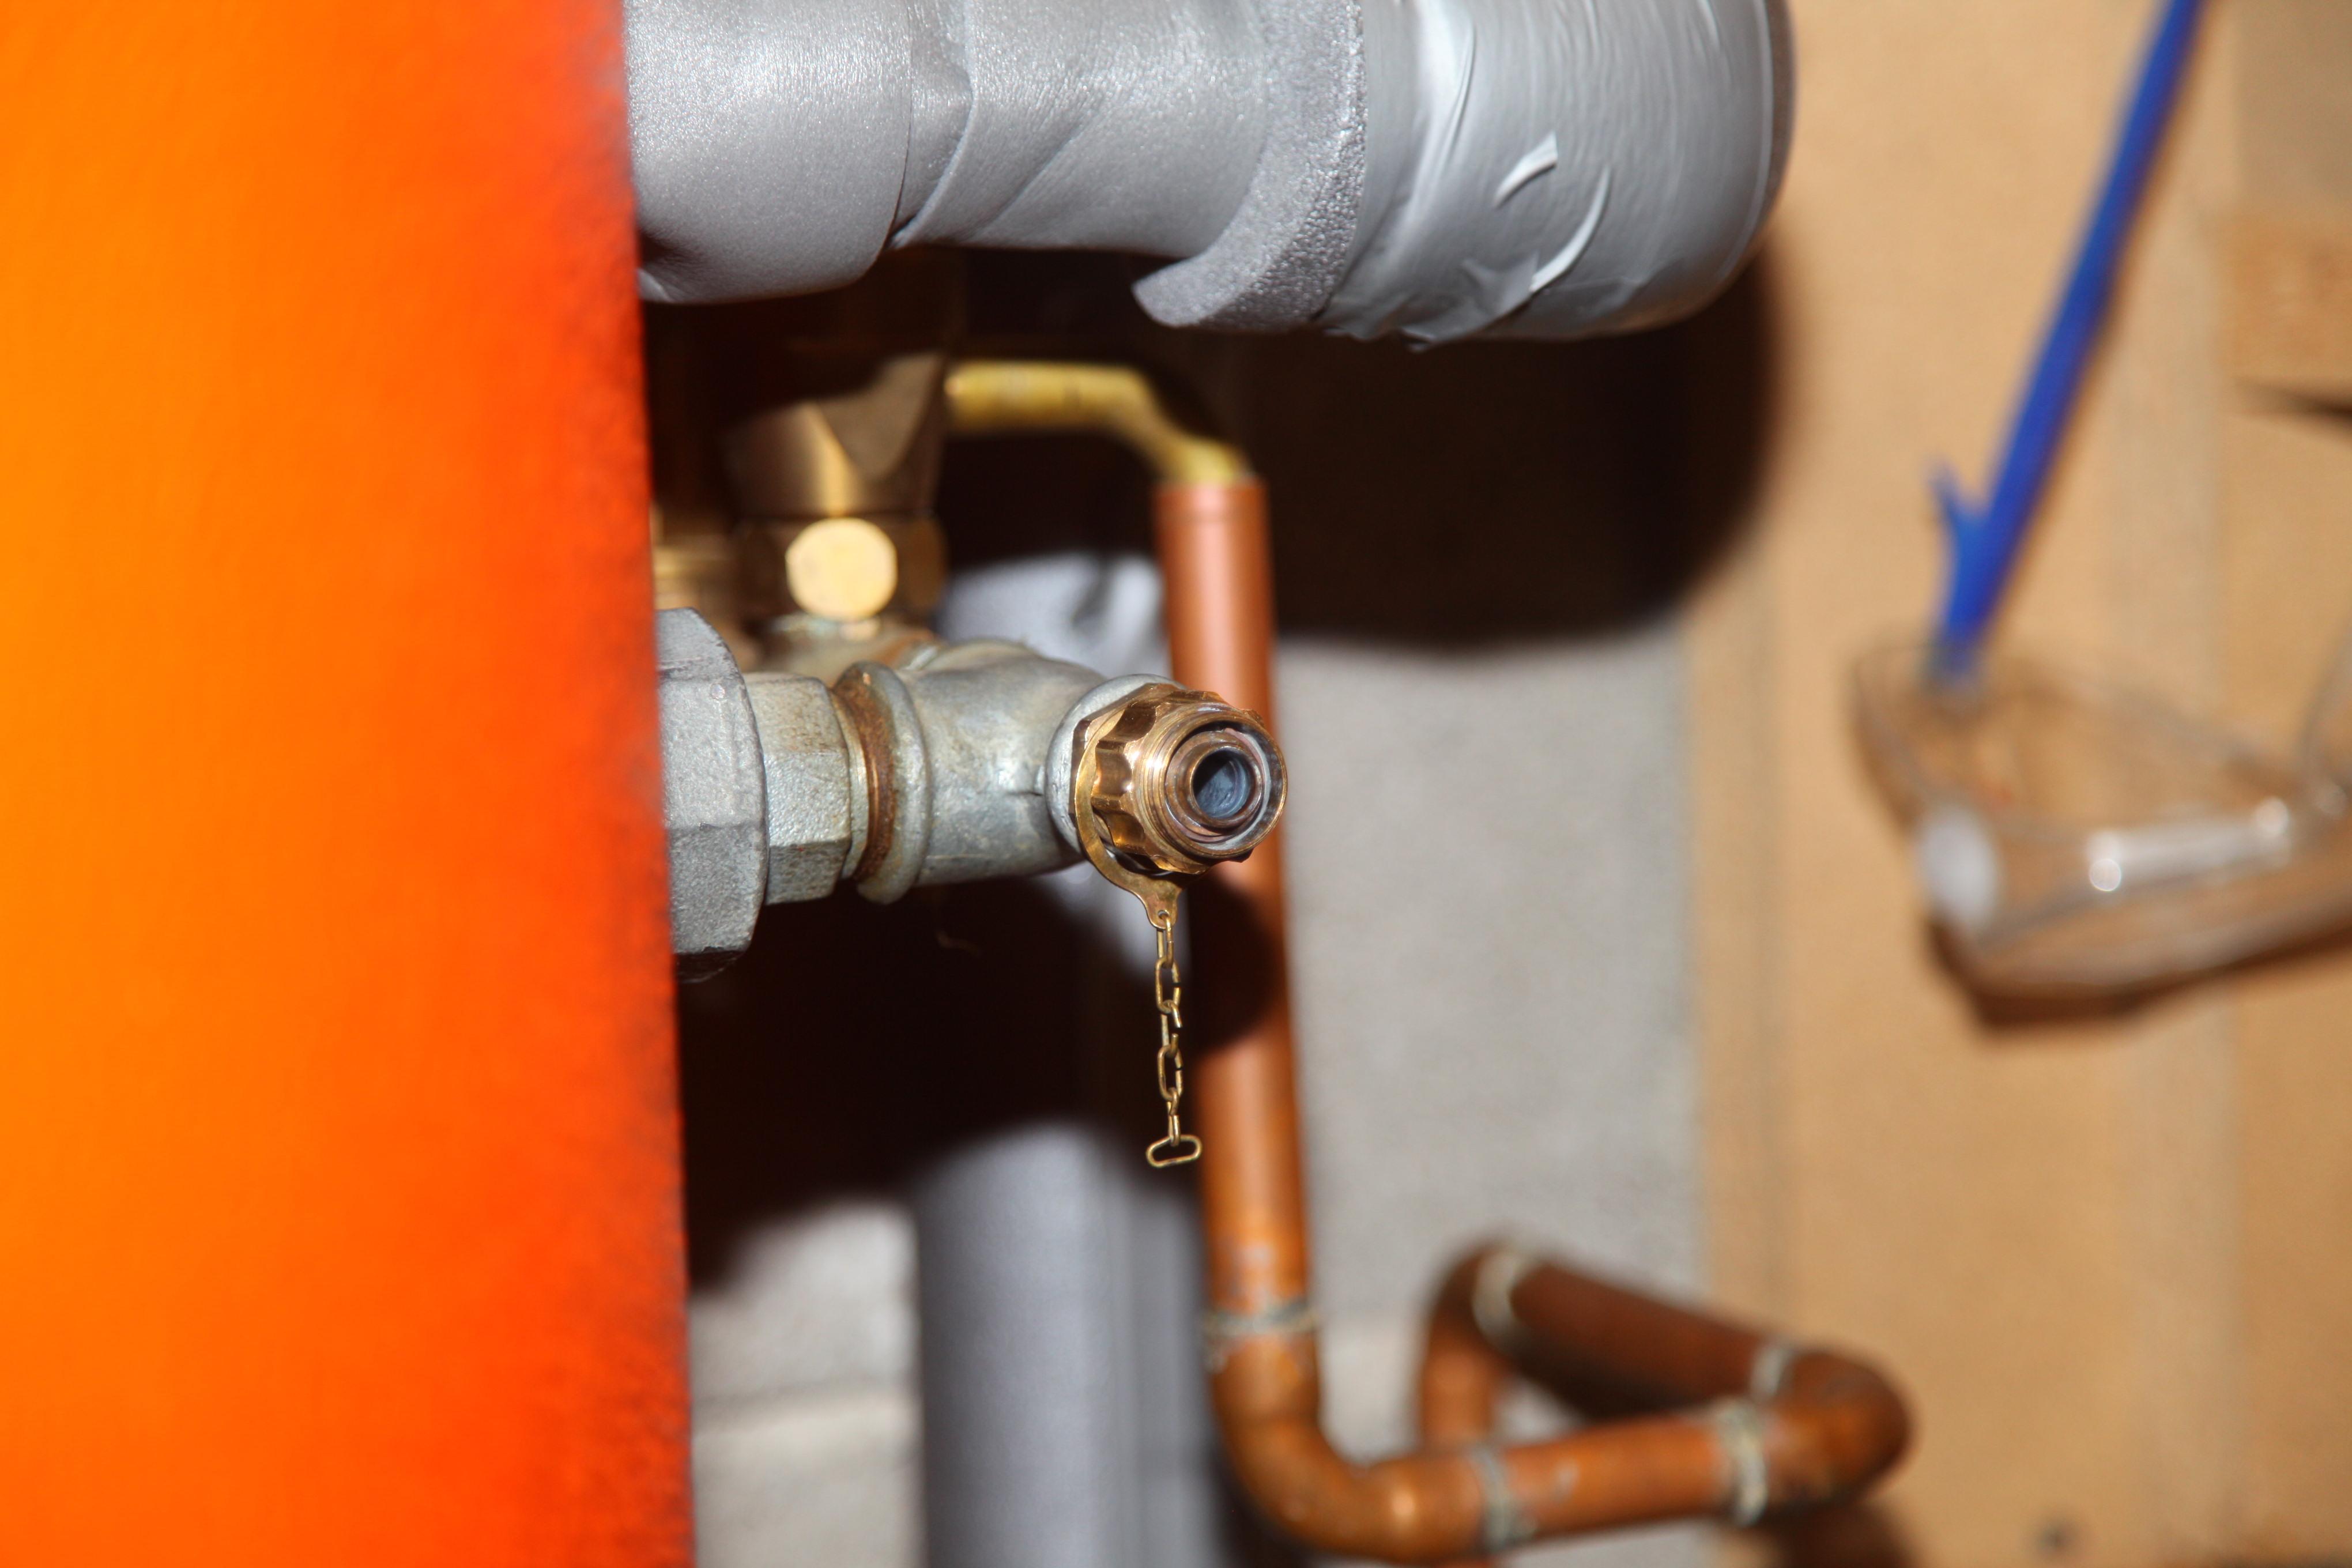 heizung gas wasser auff llen rapido welcher anschlu. Black Bedroom Furniture Sets. Home Design Ideas